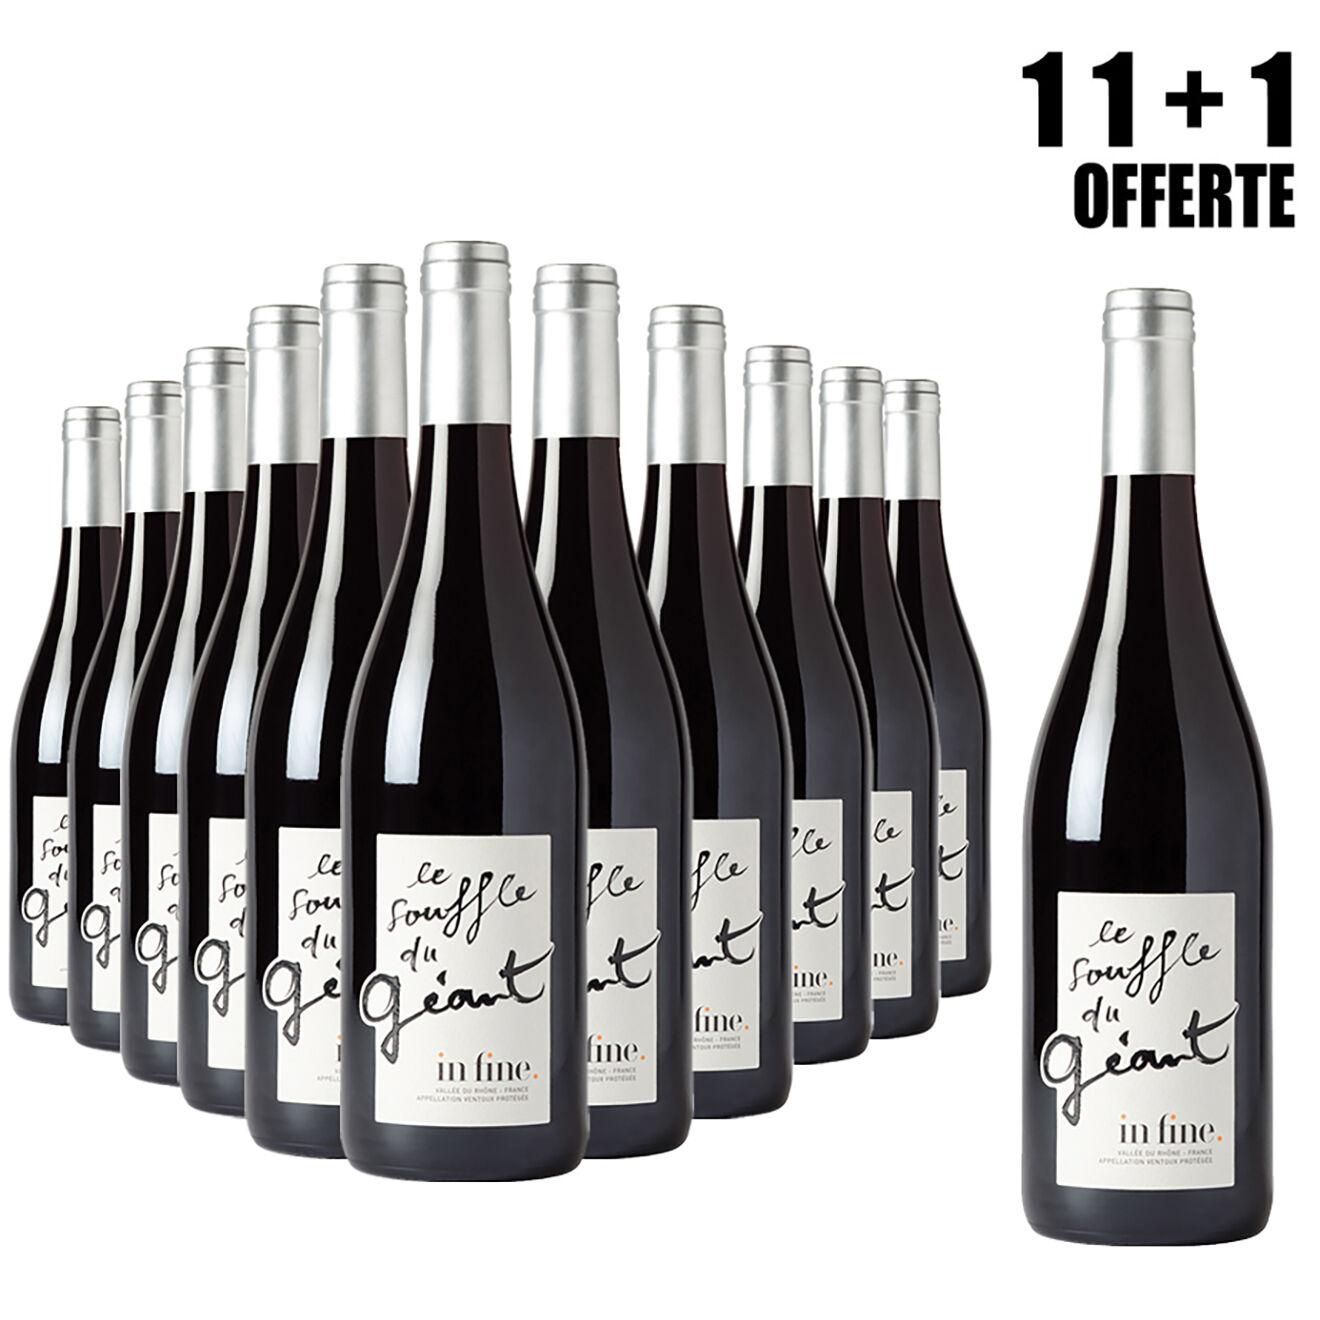 Lot de 11 Ventoux Souffle du Géant 2015 Cascavel 75cl + 1 Offerte